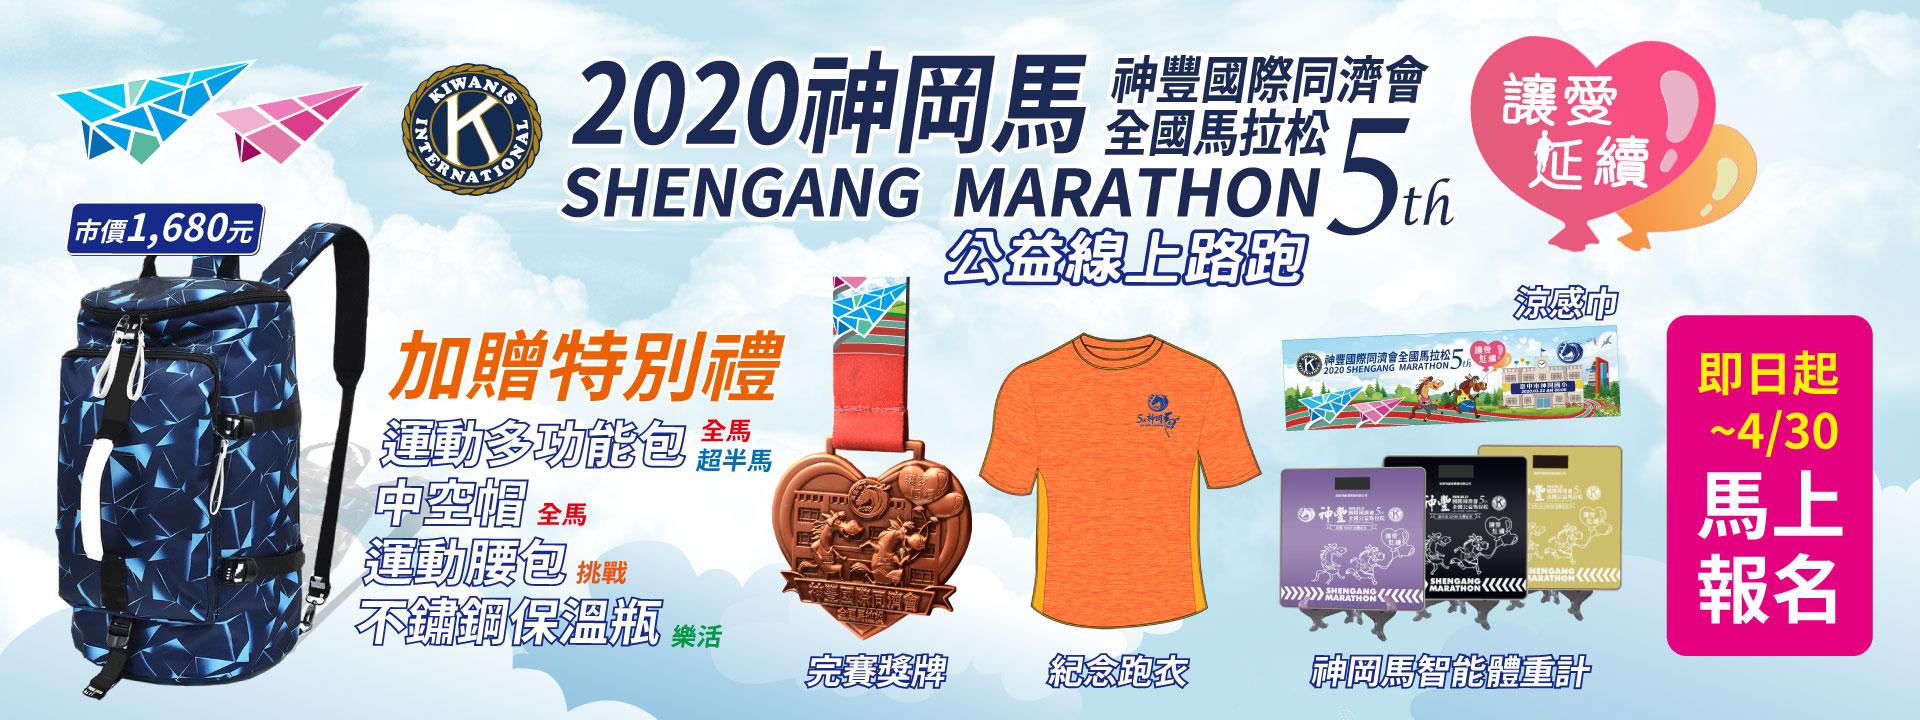 2020 神岡馬-神豐國際同濟會全國公益馬拉松